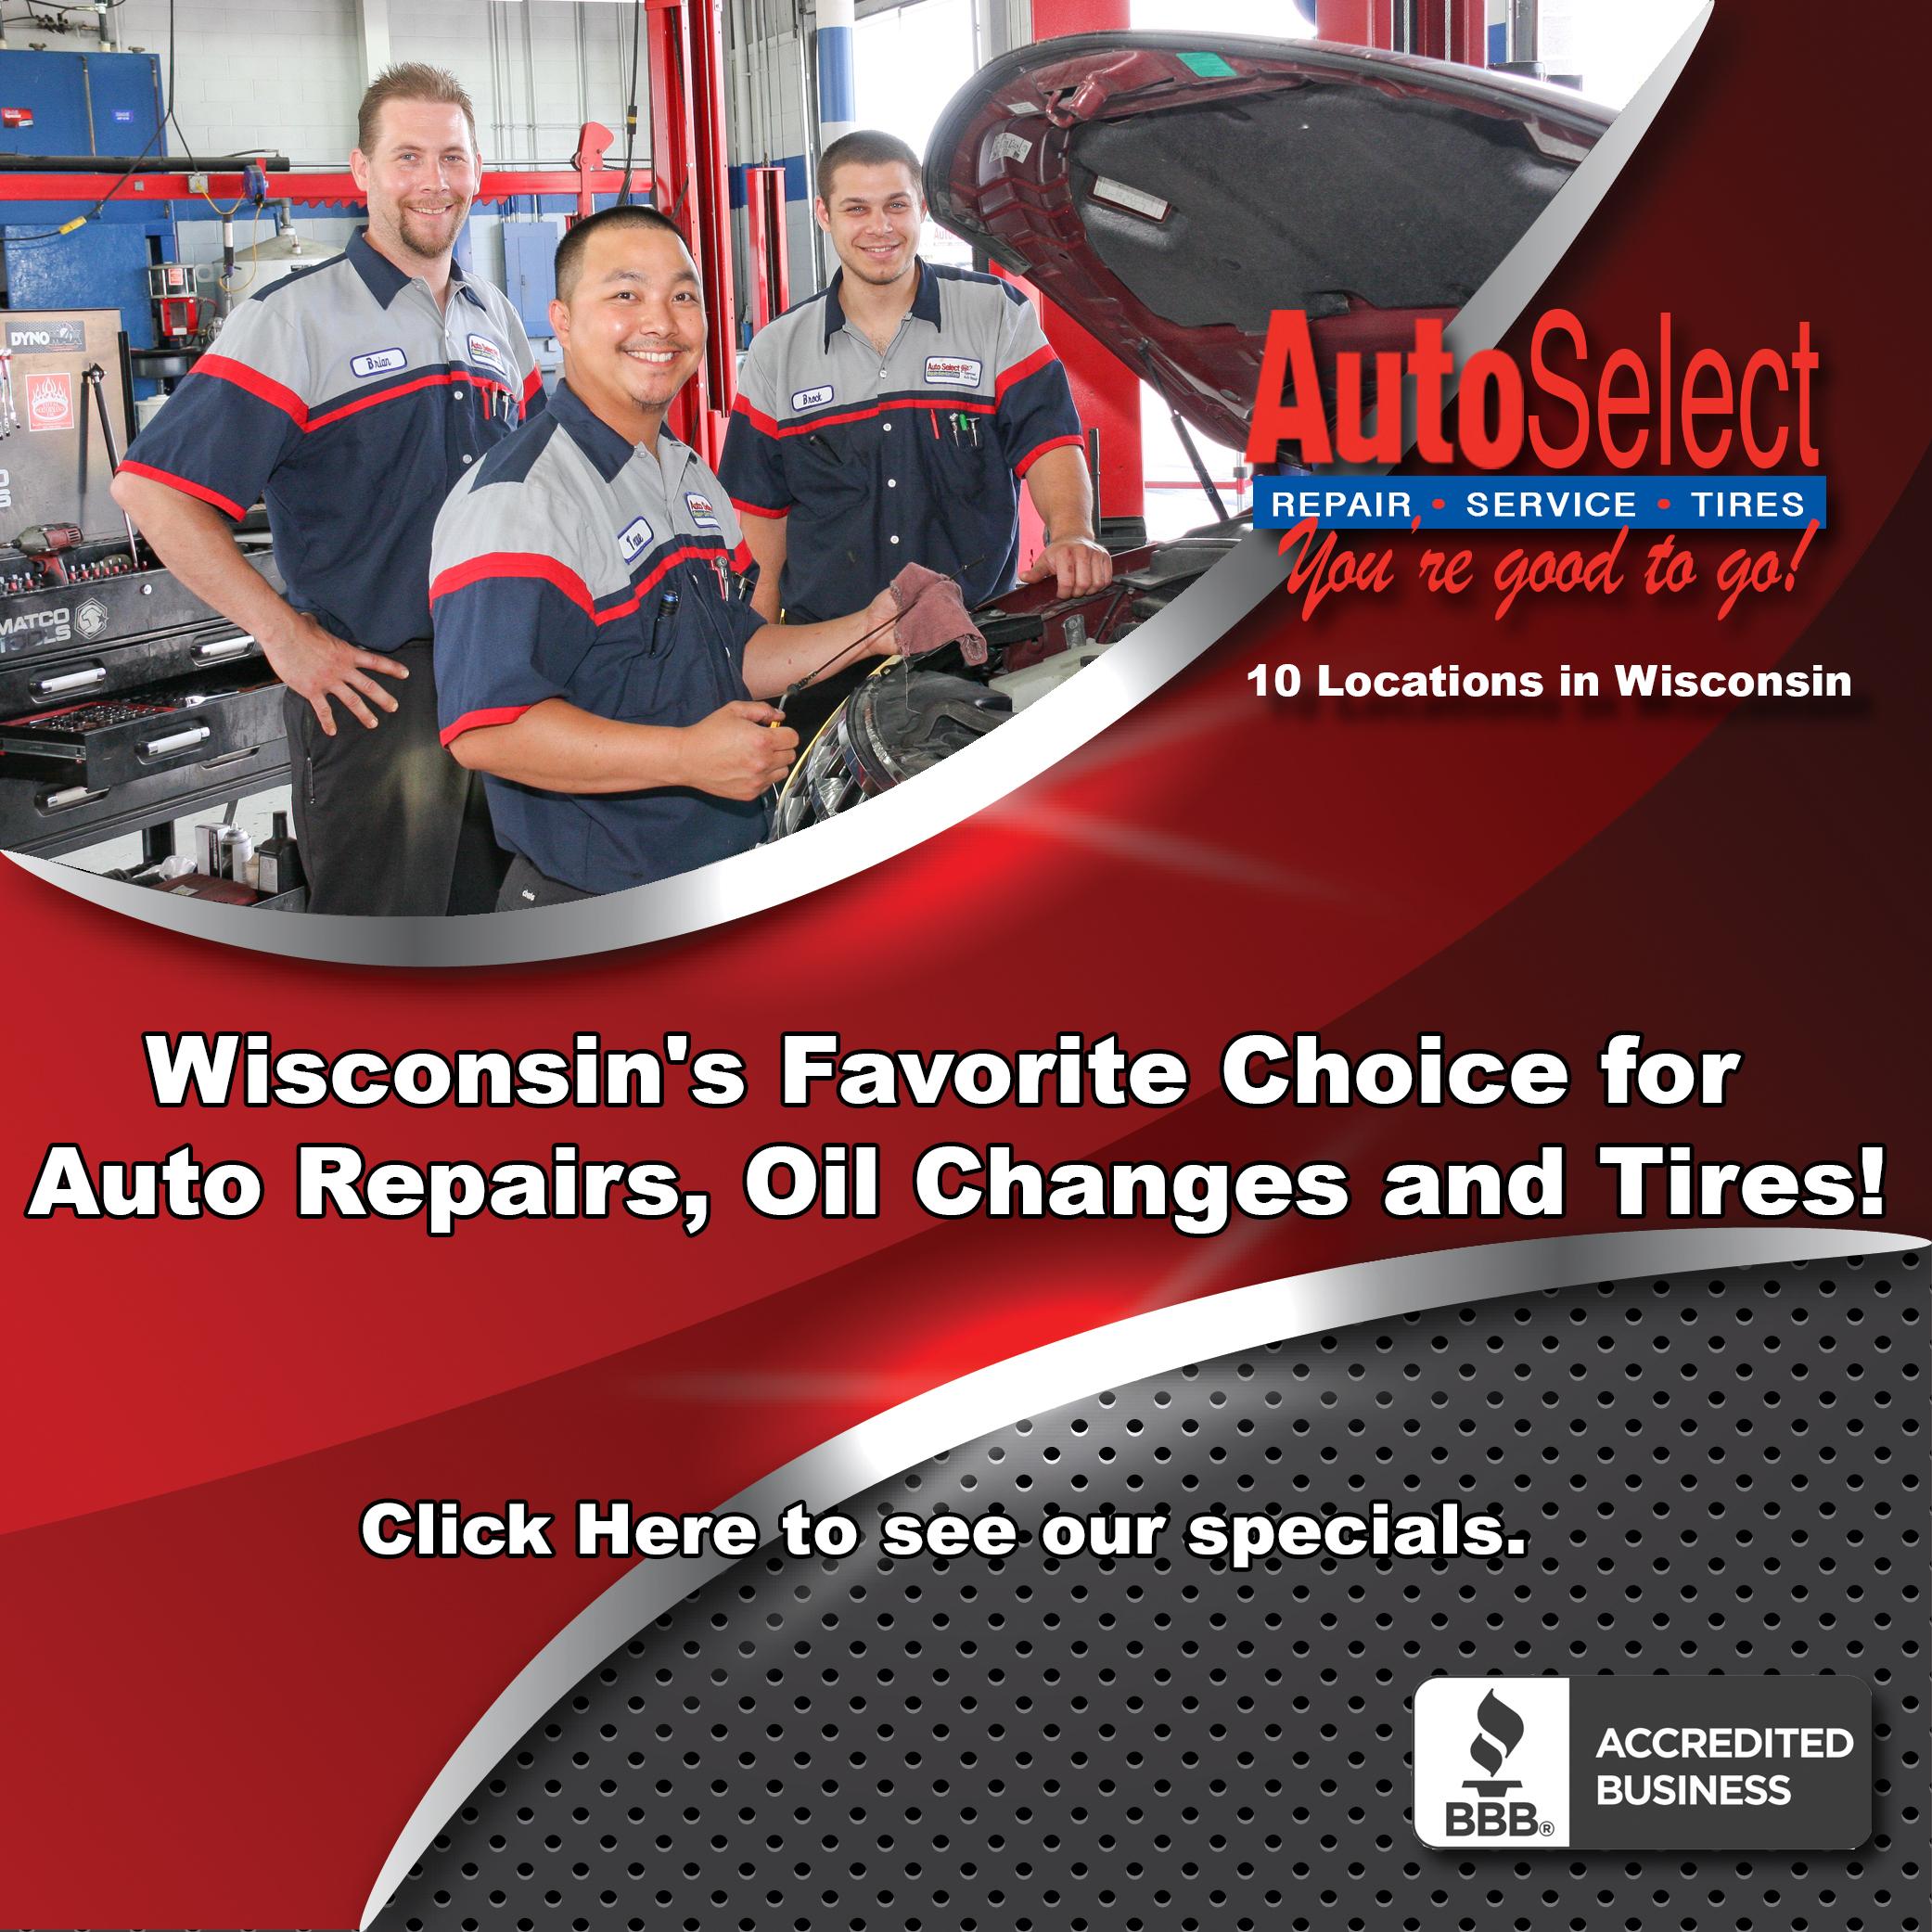 Best Reviews for Car Repair in Green Bay WI